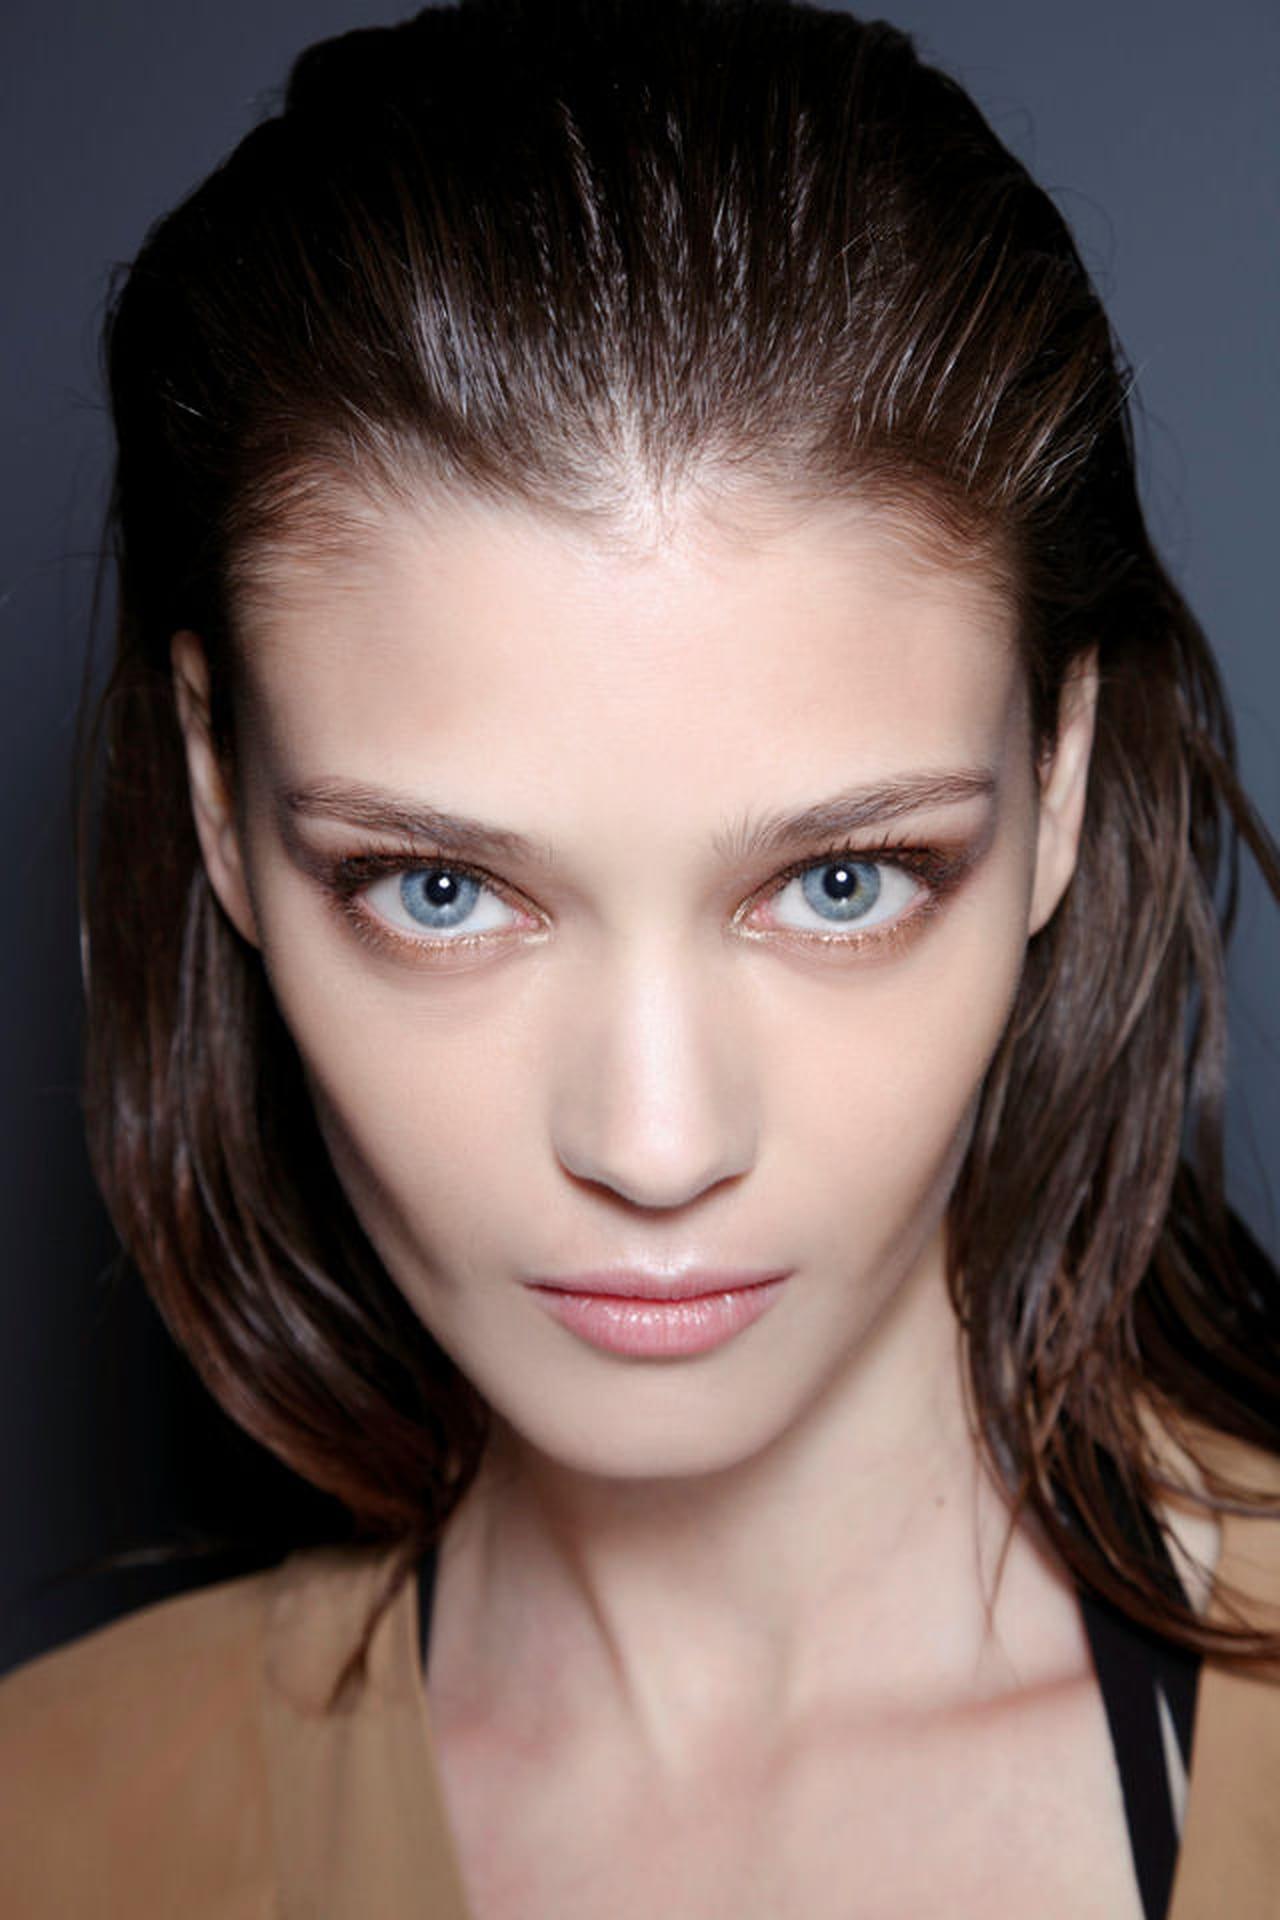 Capelli effetto bagnato  10 prodotti per un hairstyle di tendenza a535fbb7d2c9